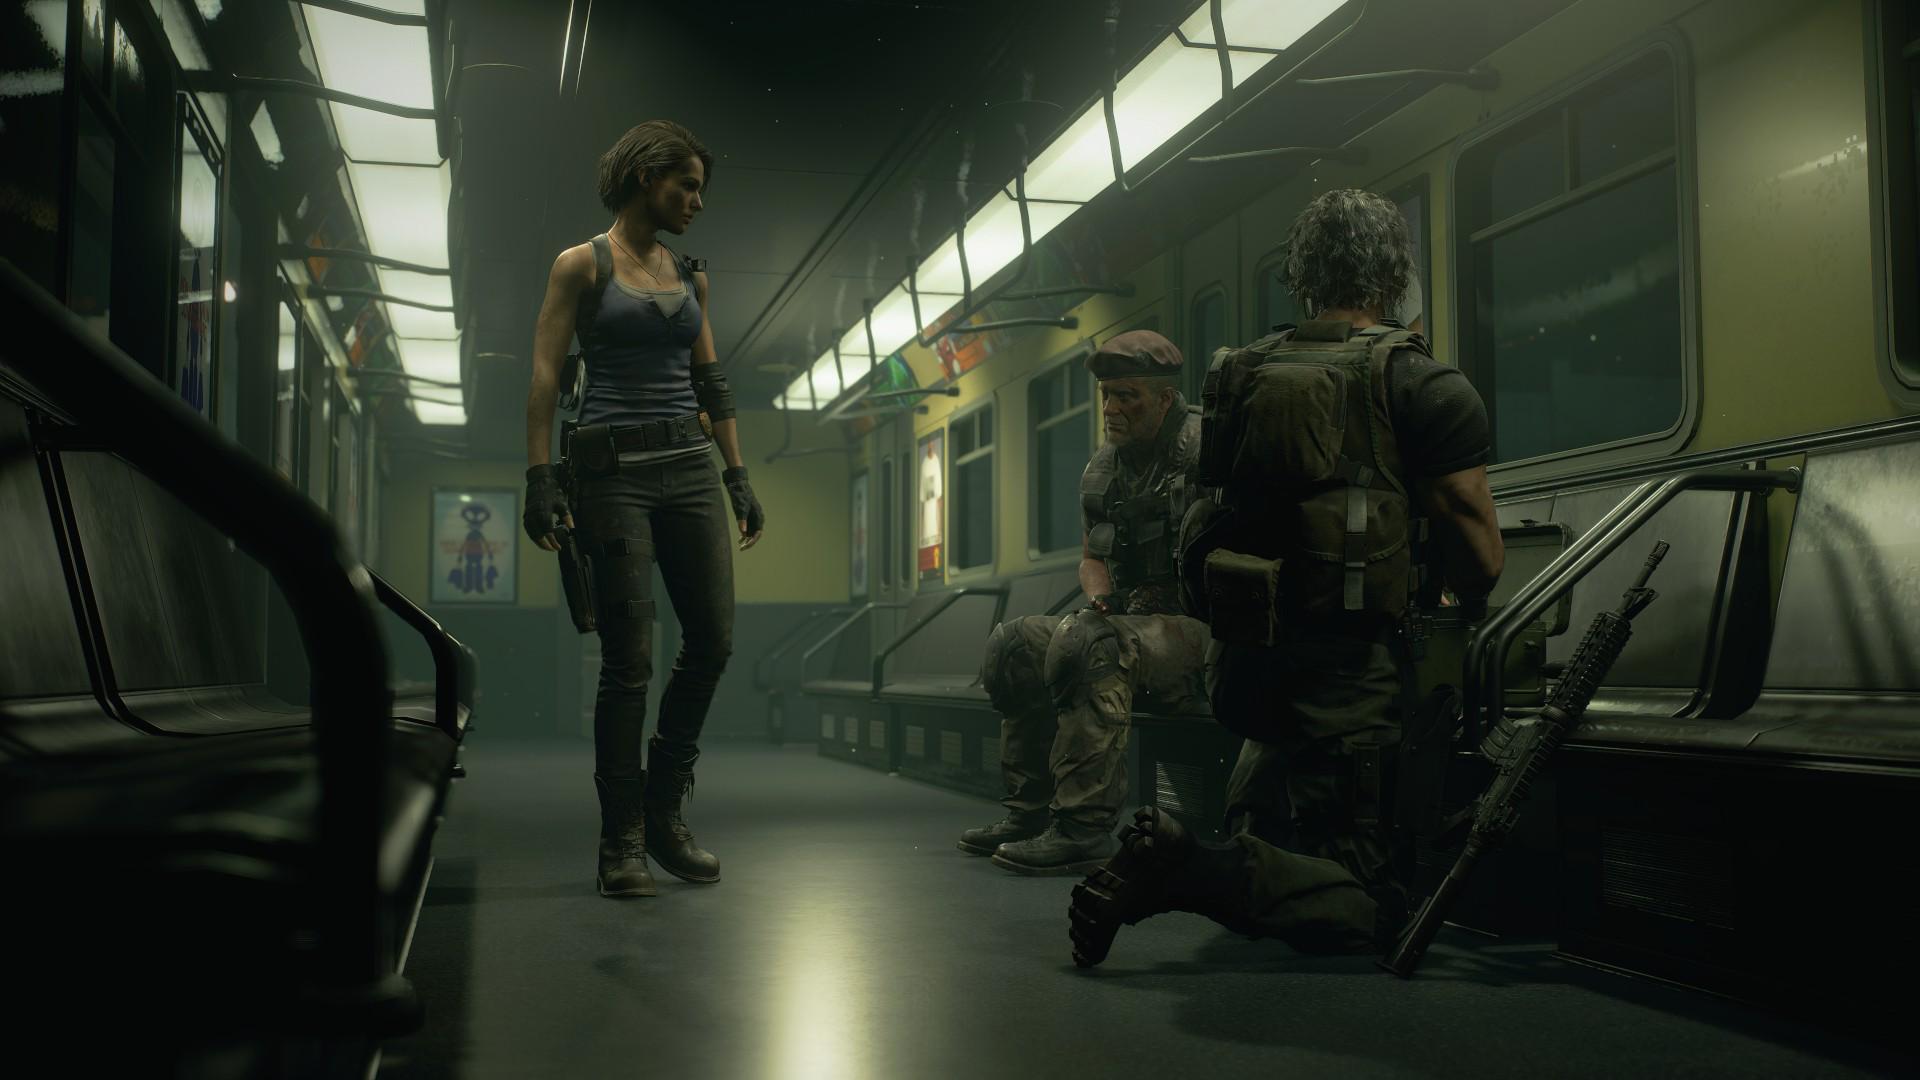 Em Resident Evil 3 Remake Jill Valentine precisa escapar do monstro Nemesis. (Foto: Divulgação/Capcom)